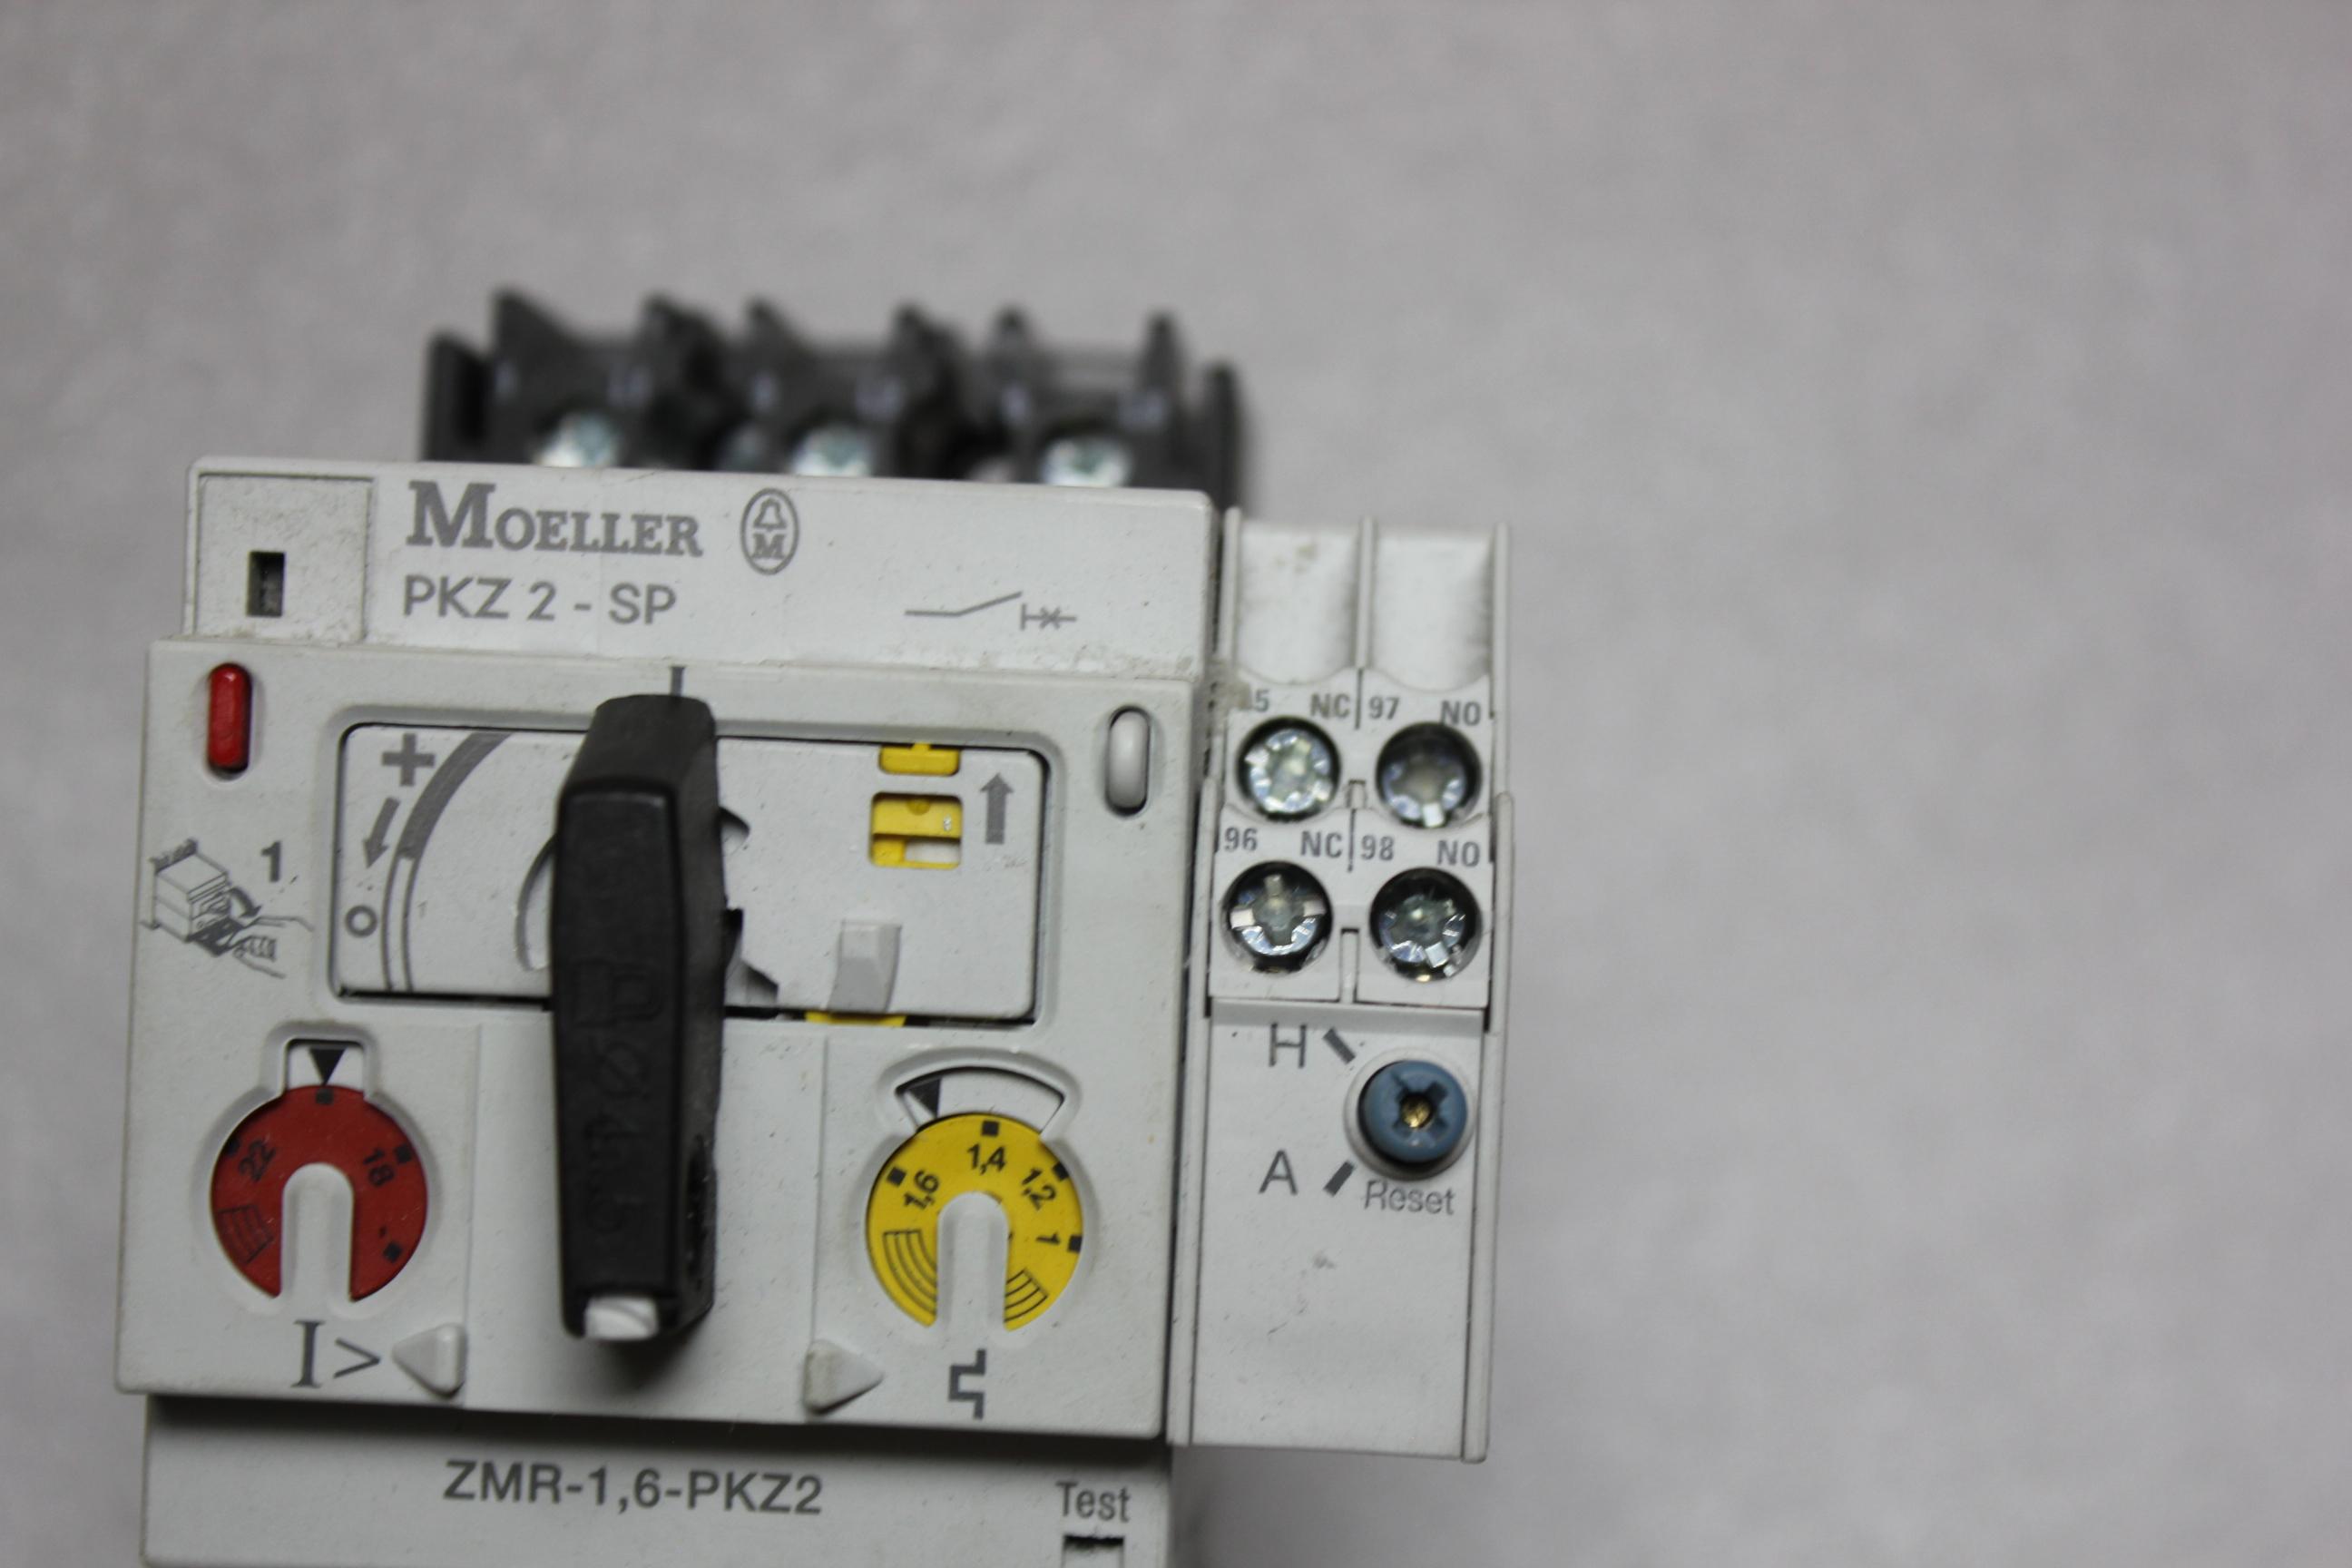 KLOCKNER MOELLER MOTOR PROTECTOR WITH REMOTE OPERATOR - Image 5 of 7